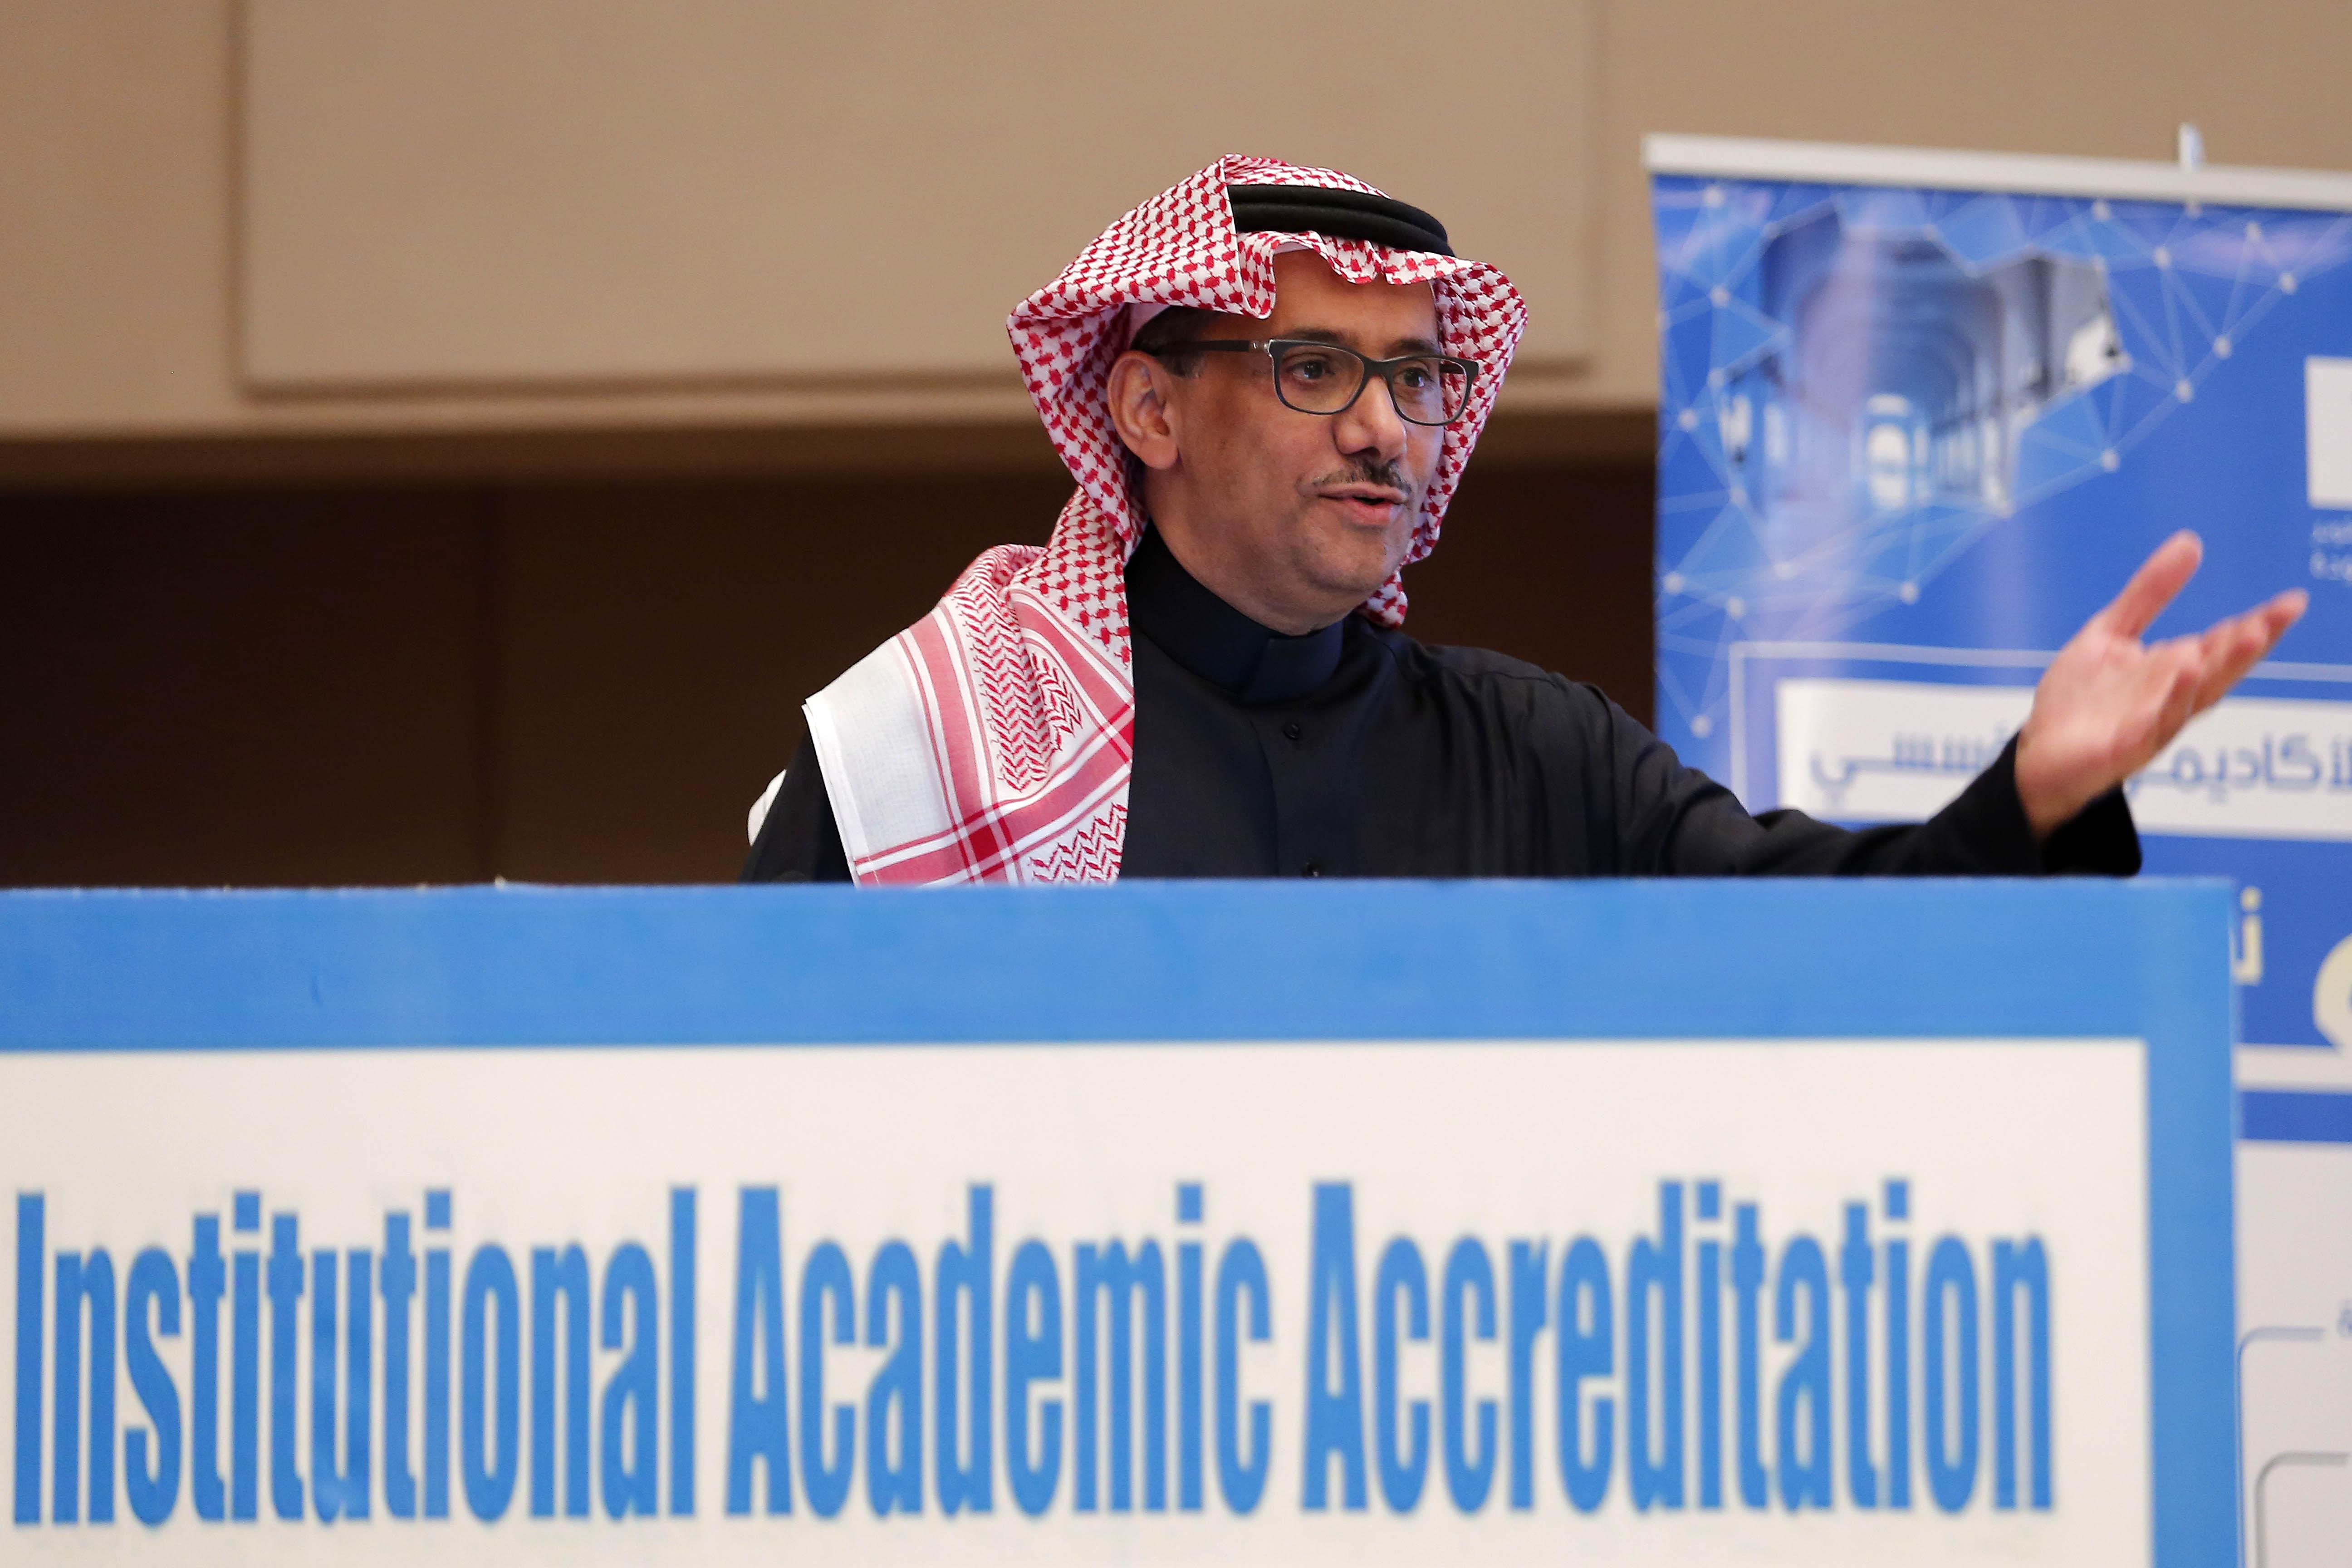 جامعة الملك سعود تحصل على تجديد الاعتماد الأكاديمي المؤسسي لمدة 7 سنوات